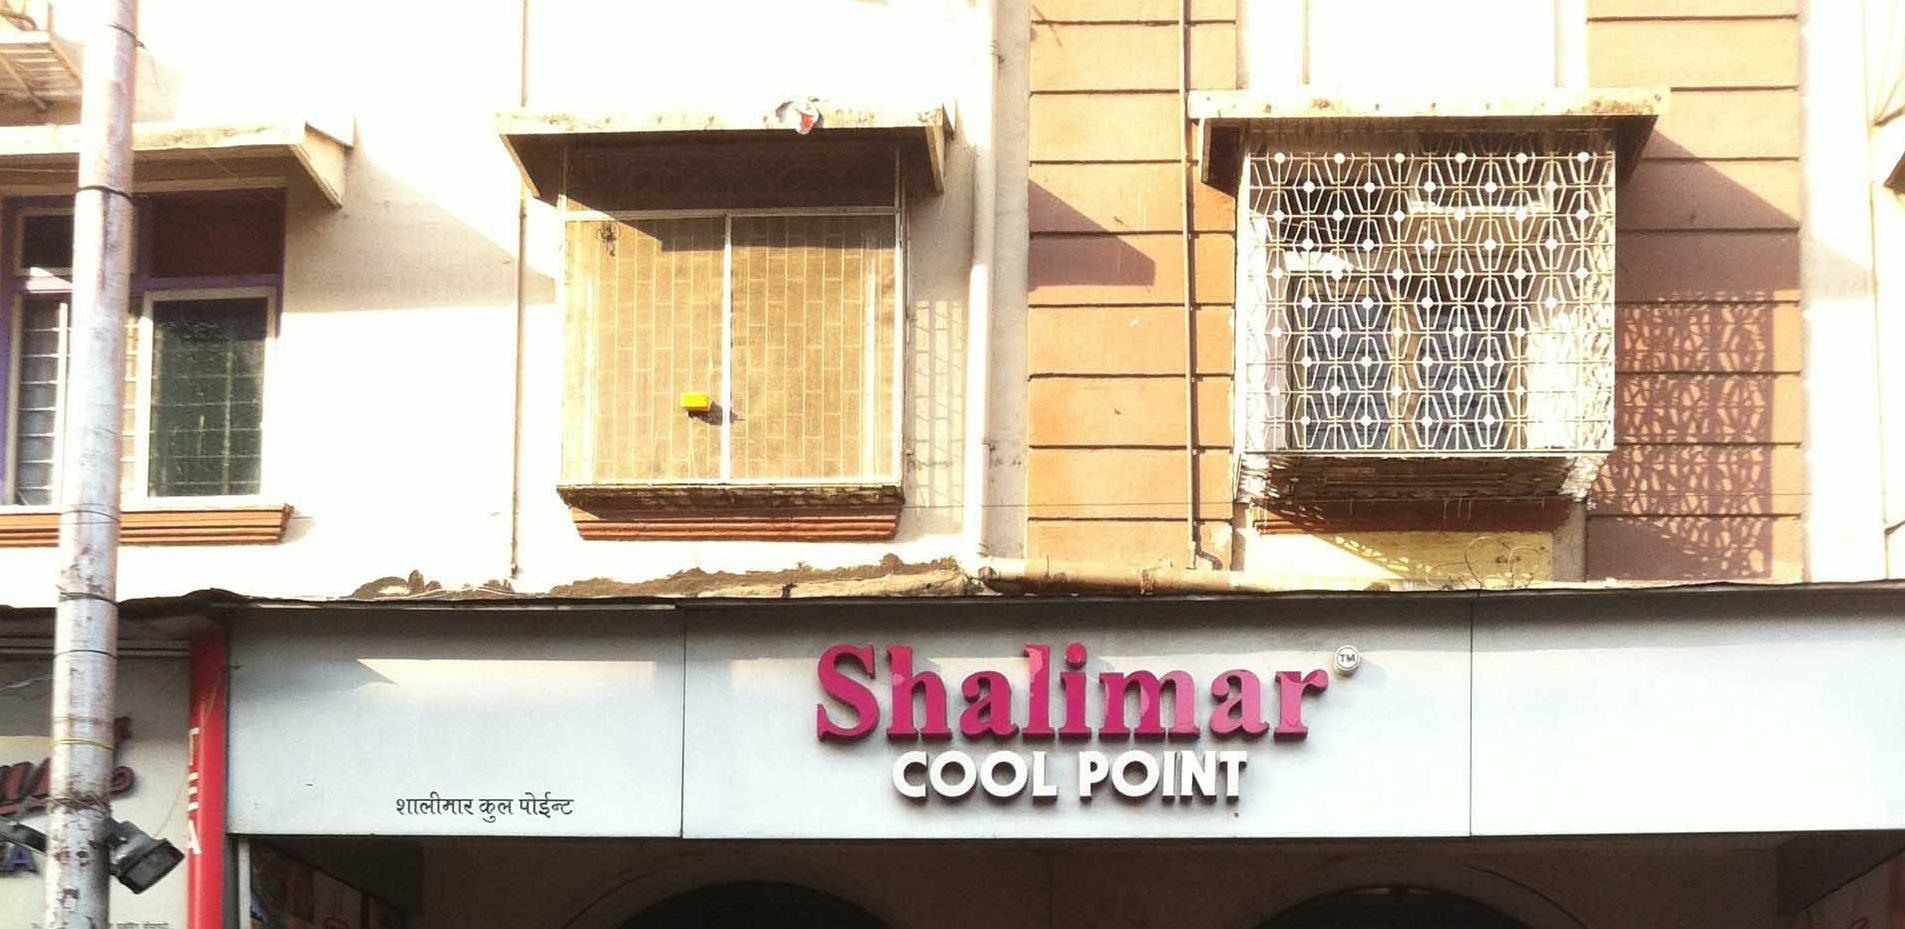 Shalimar Cool Point - Mohammad Ali Road - Mumbai Image